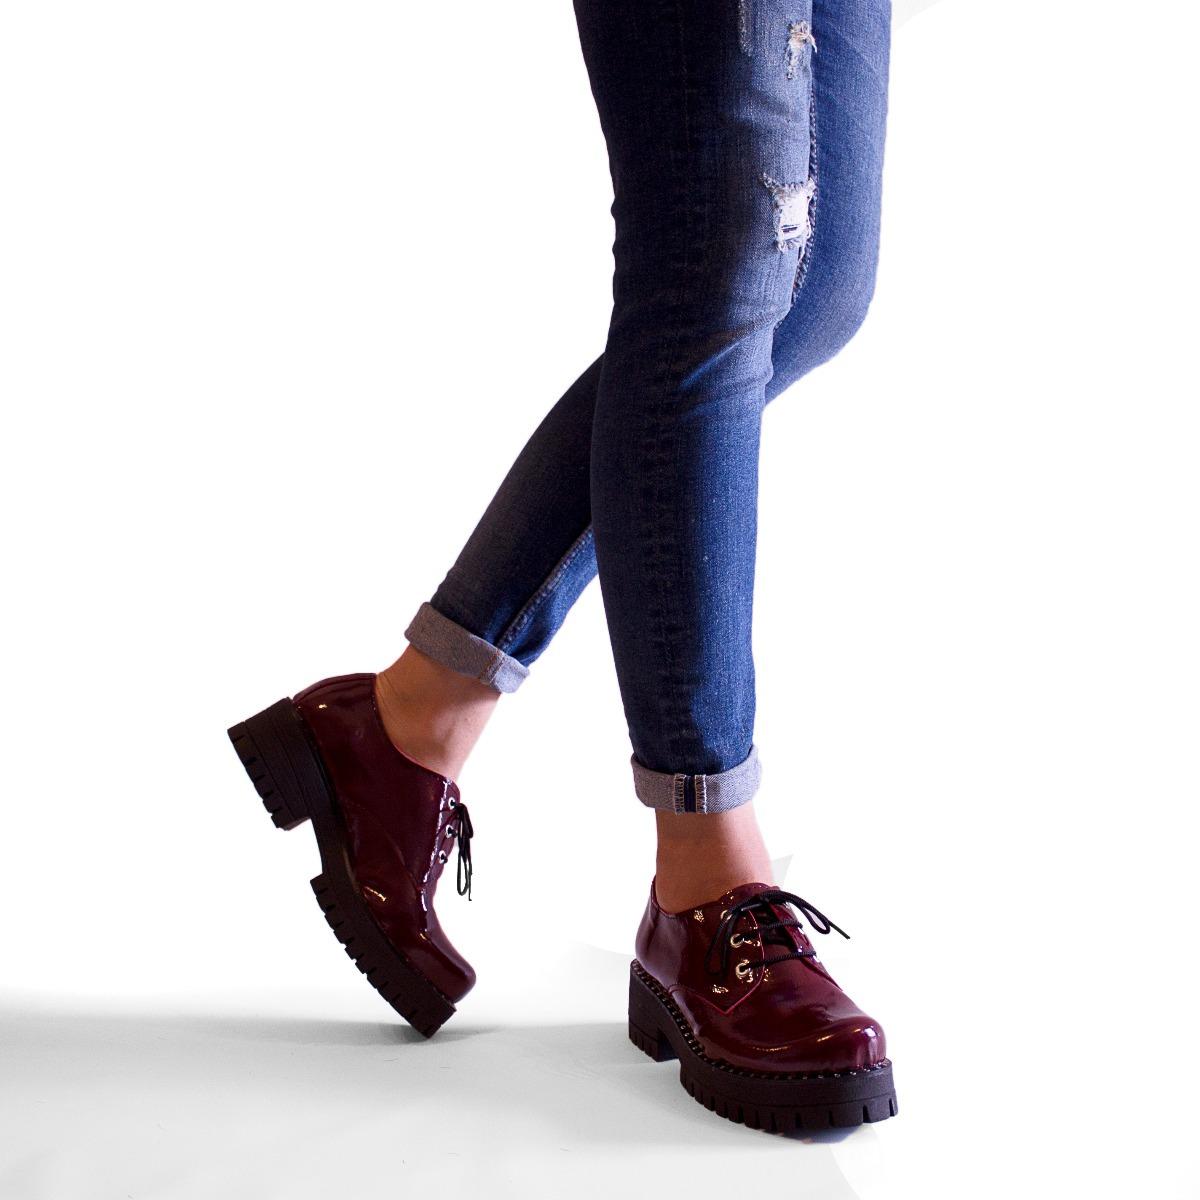 680fb16027825 botas zapatos mujer charol mujer primavera verano 2018. Cargando zoom.